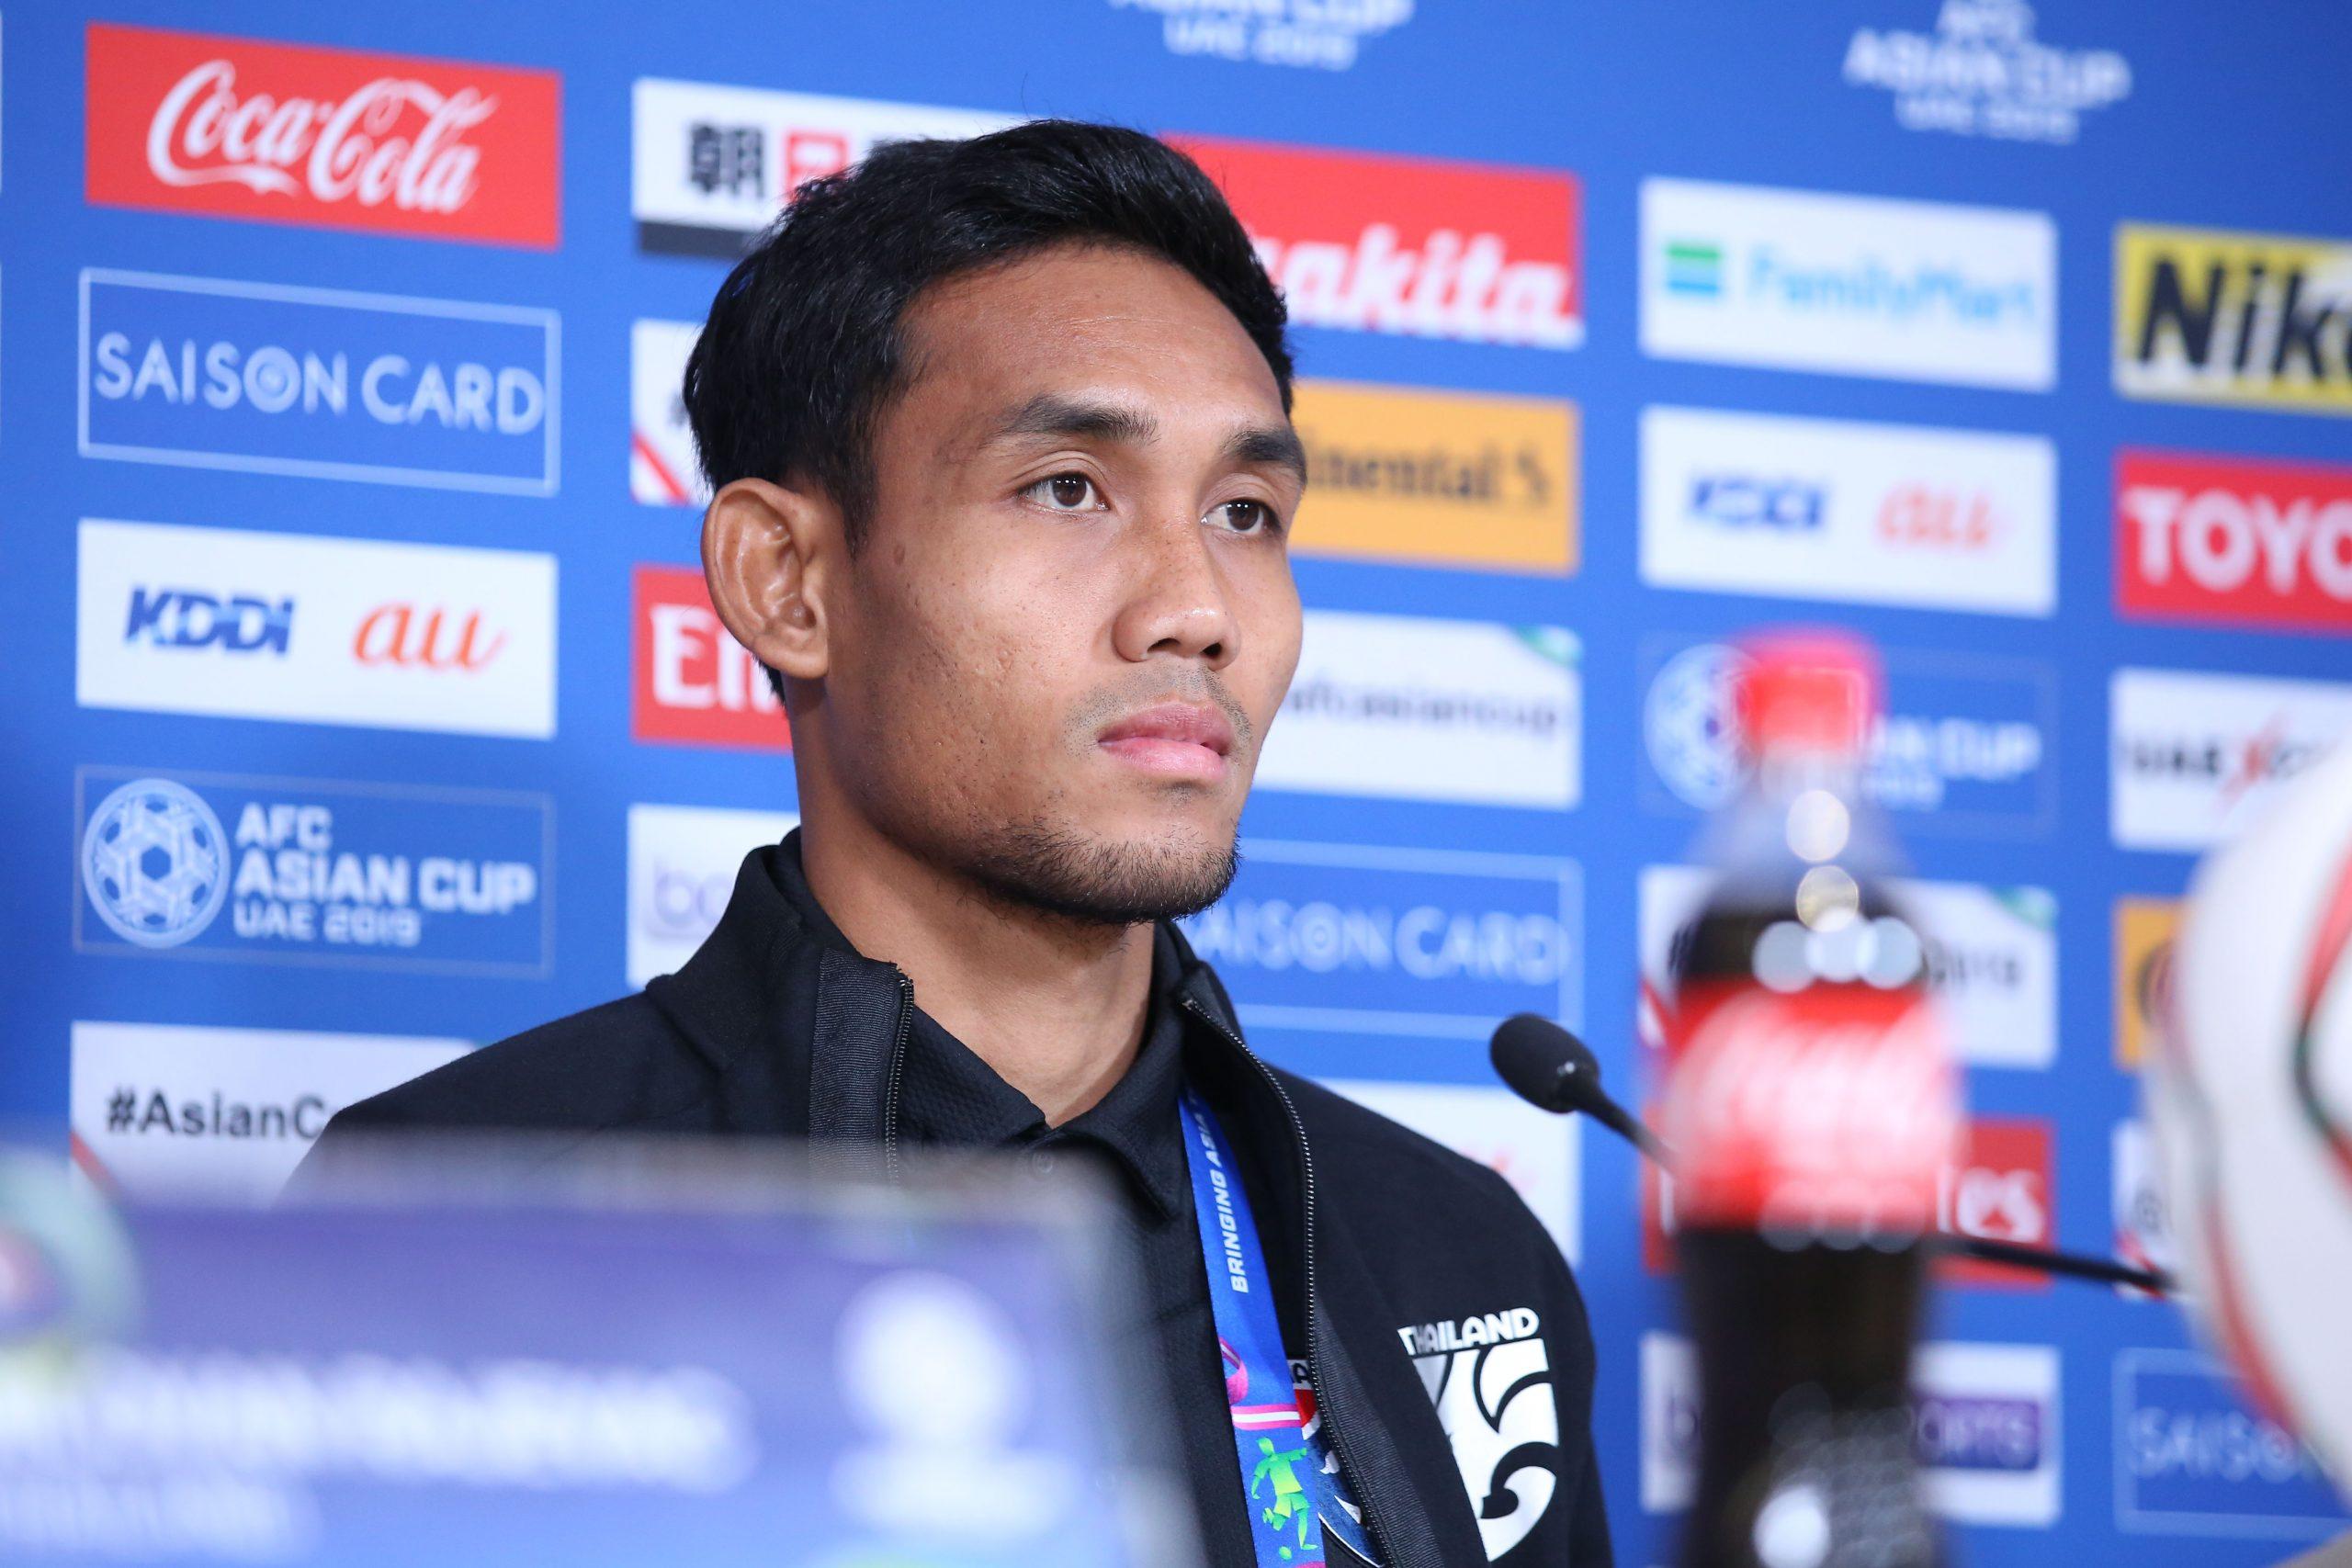 ทีมชาติอินเดีย ทีมชาติไทย ธีรศิลป์ แดงดา เอเชียนคัพ 2019